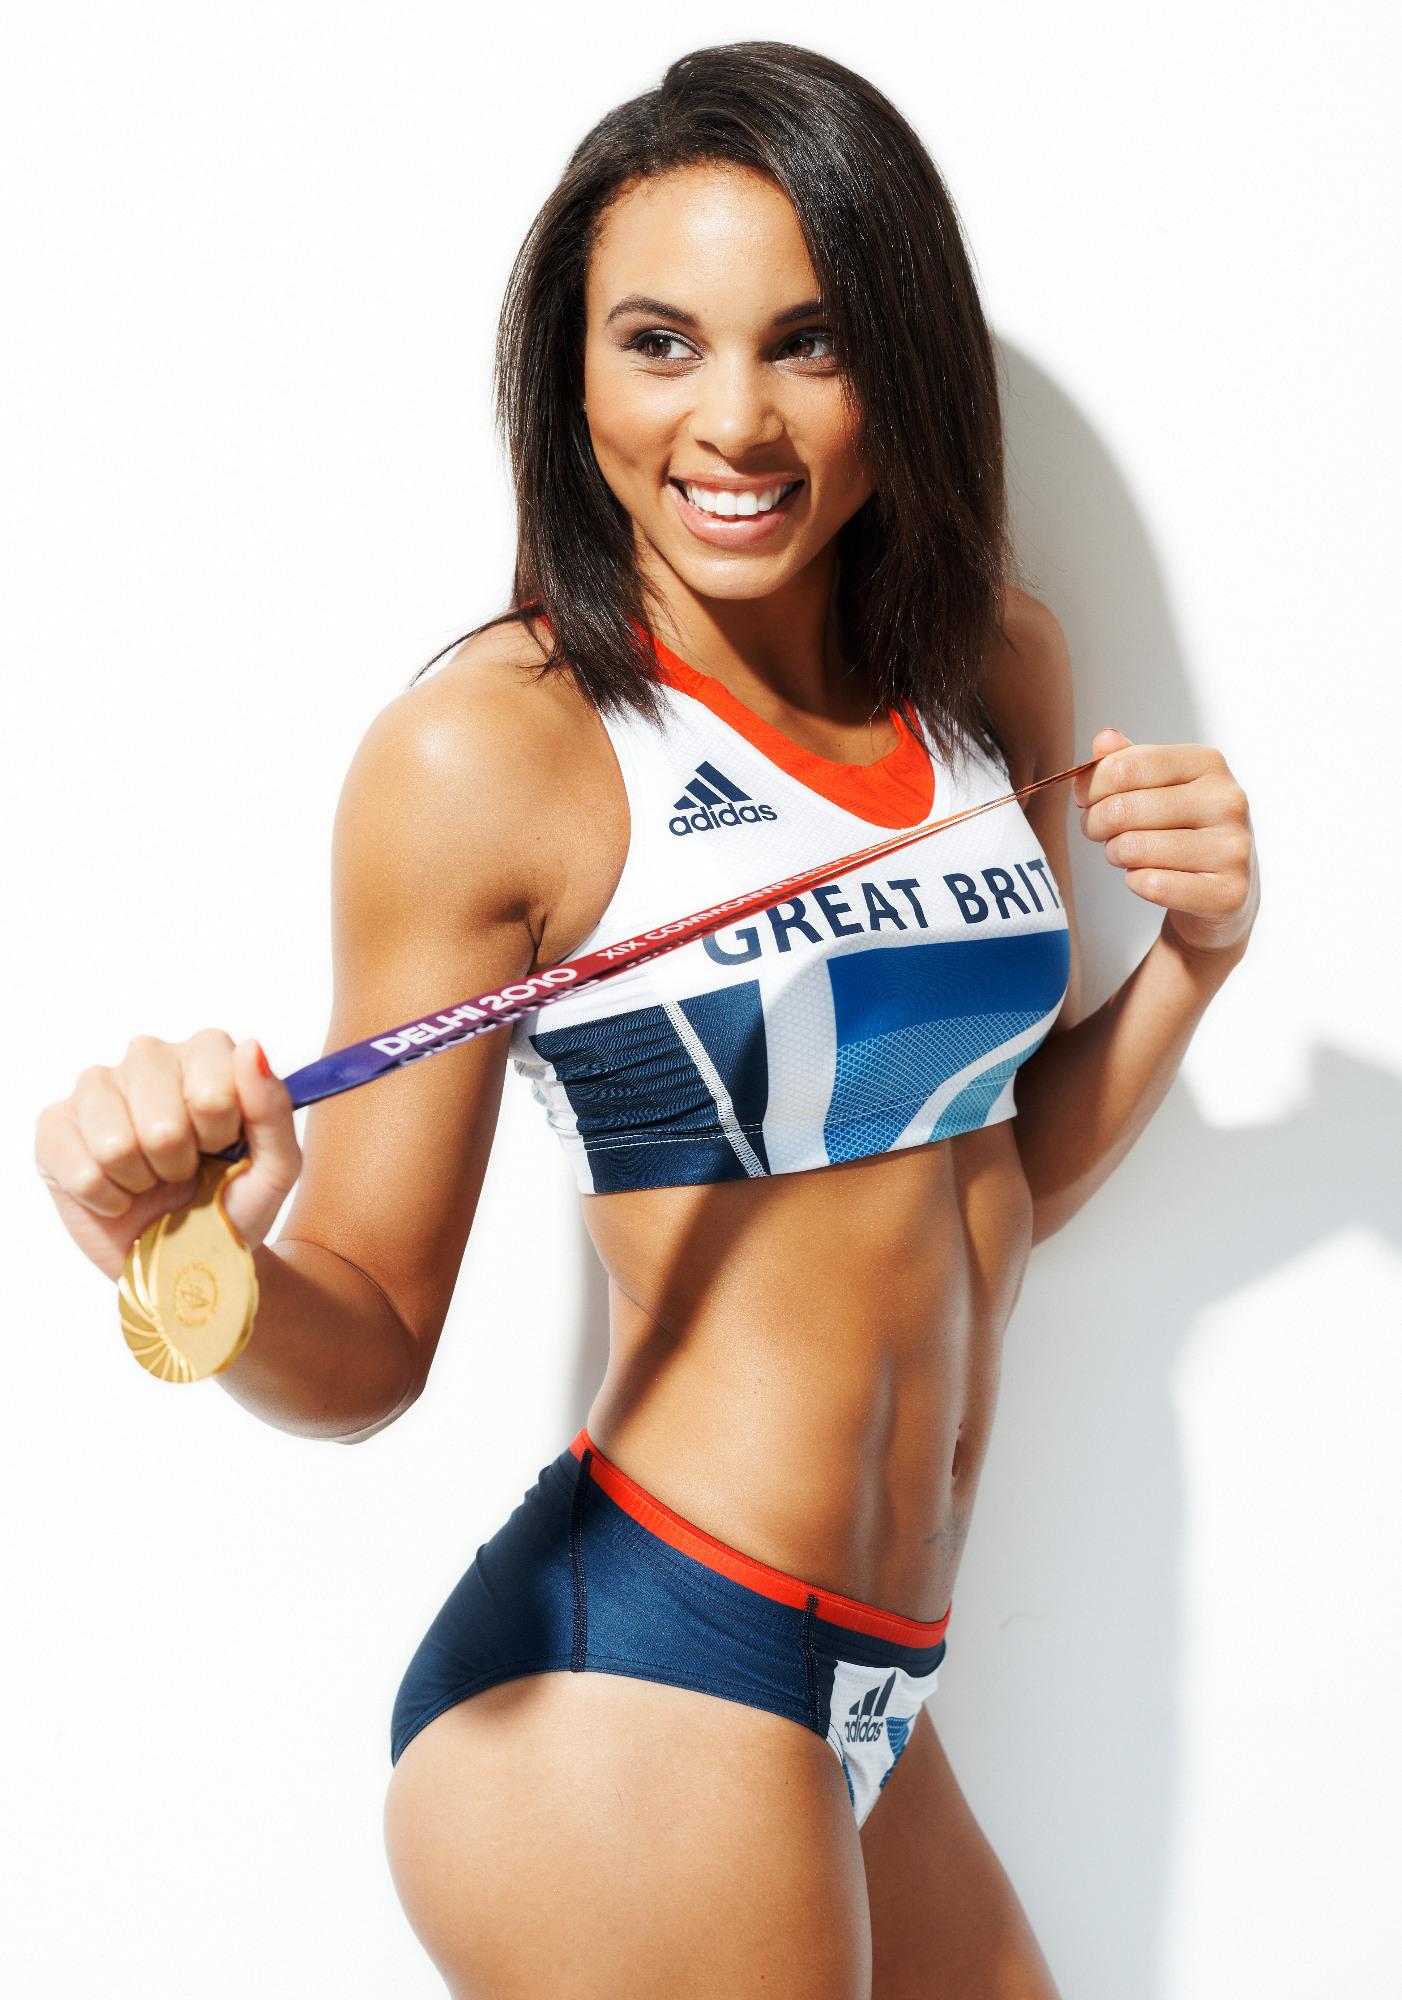 Team Gb Heptathlete Louise Hazel Picks The Fitness Kit To